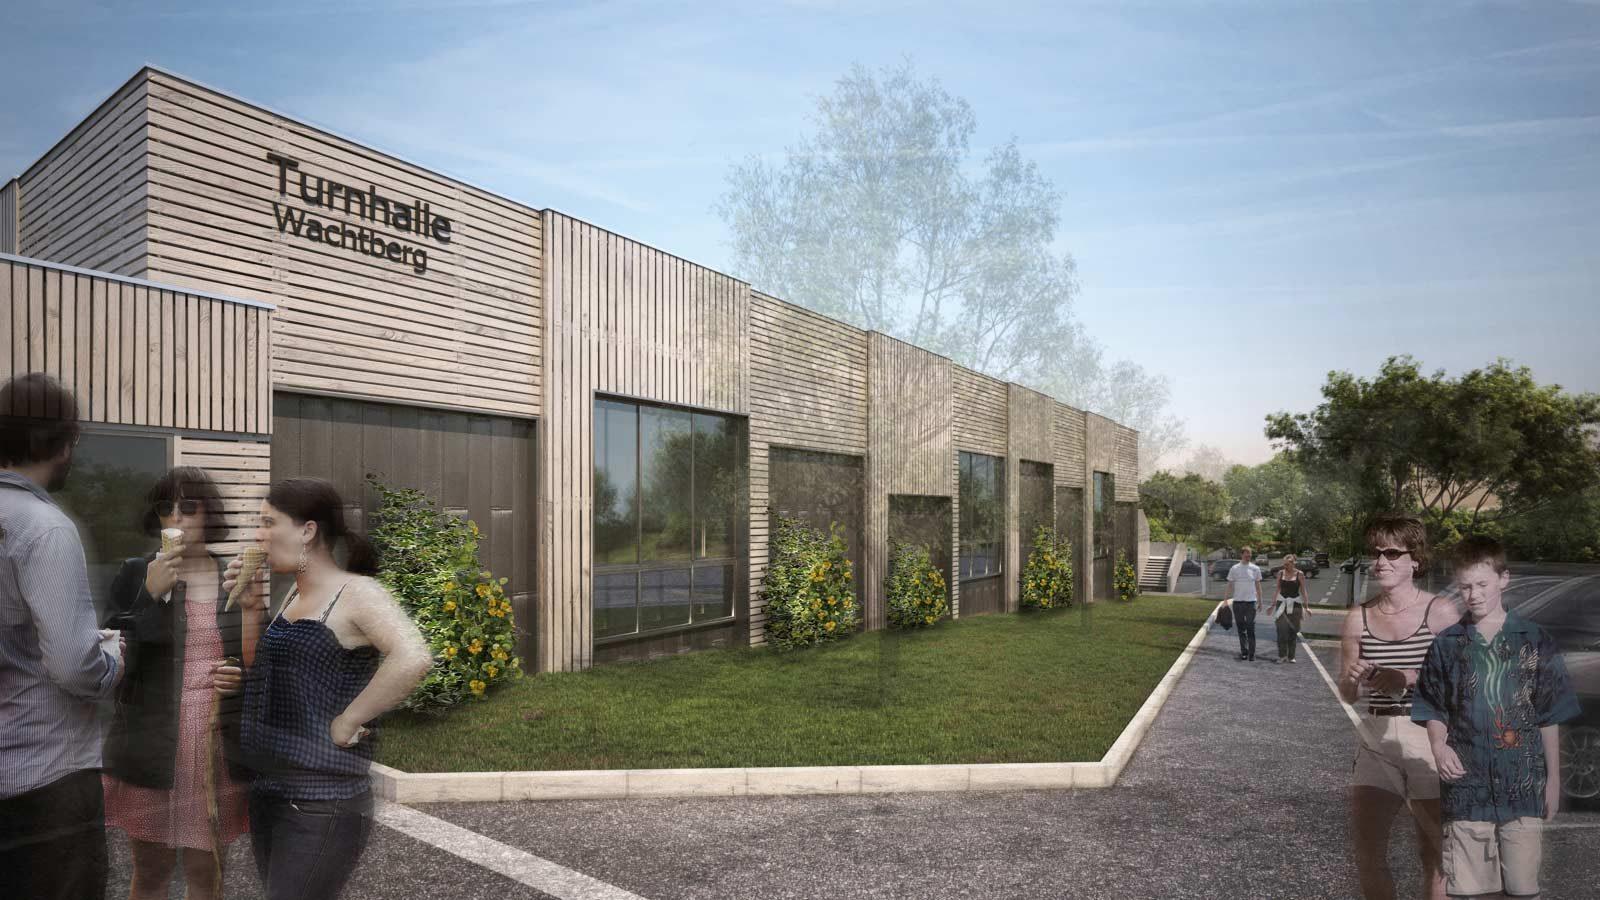 Sportpark, Sporthalle, Wachtberg, Kay Künzel, raum für architektur